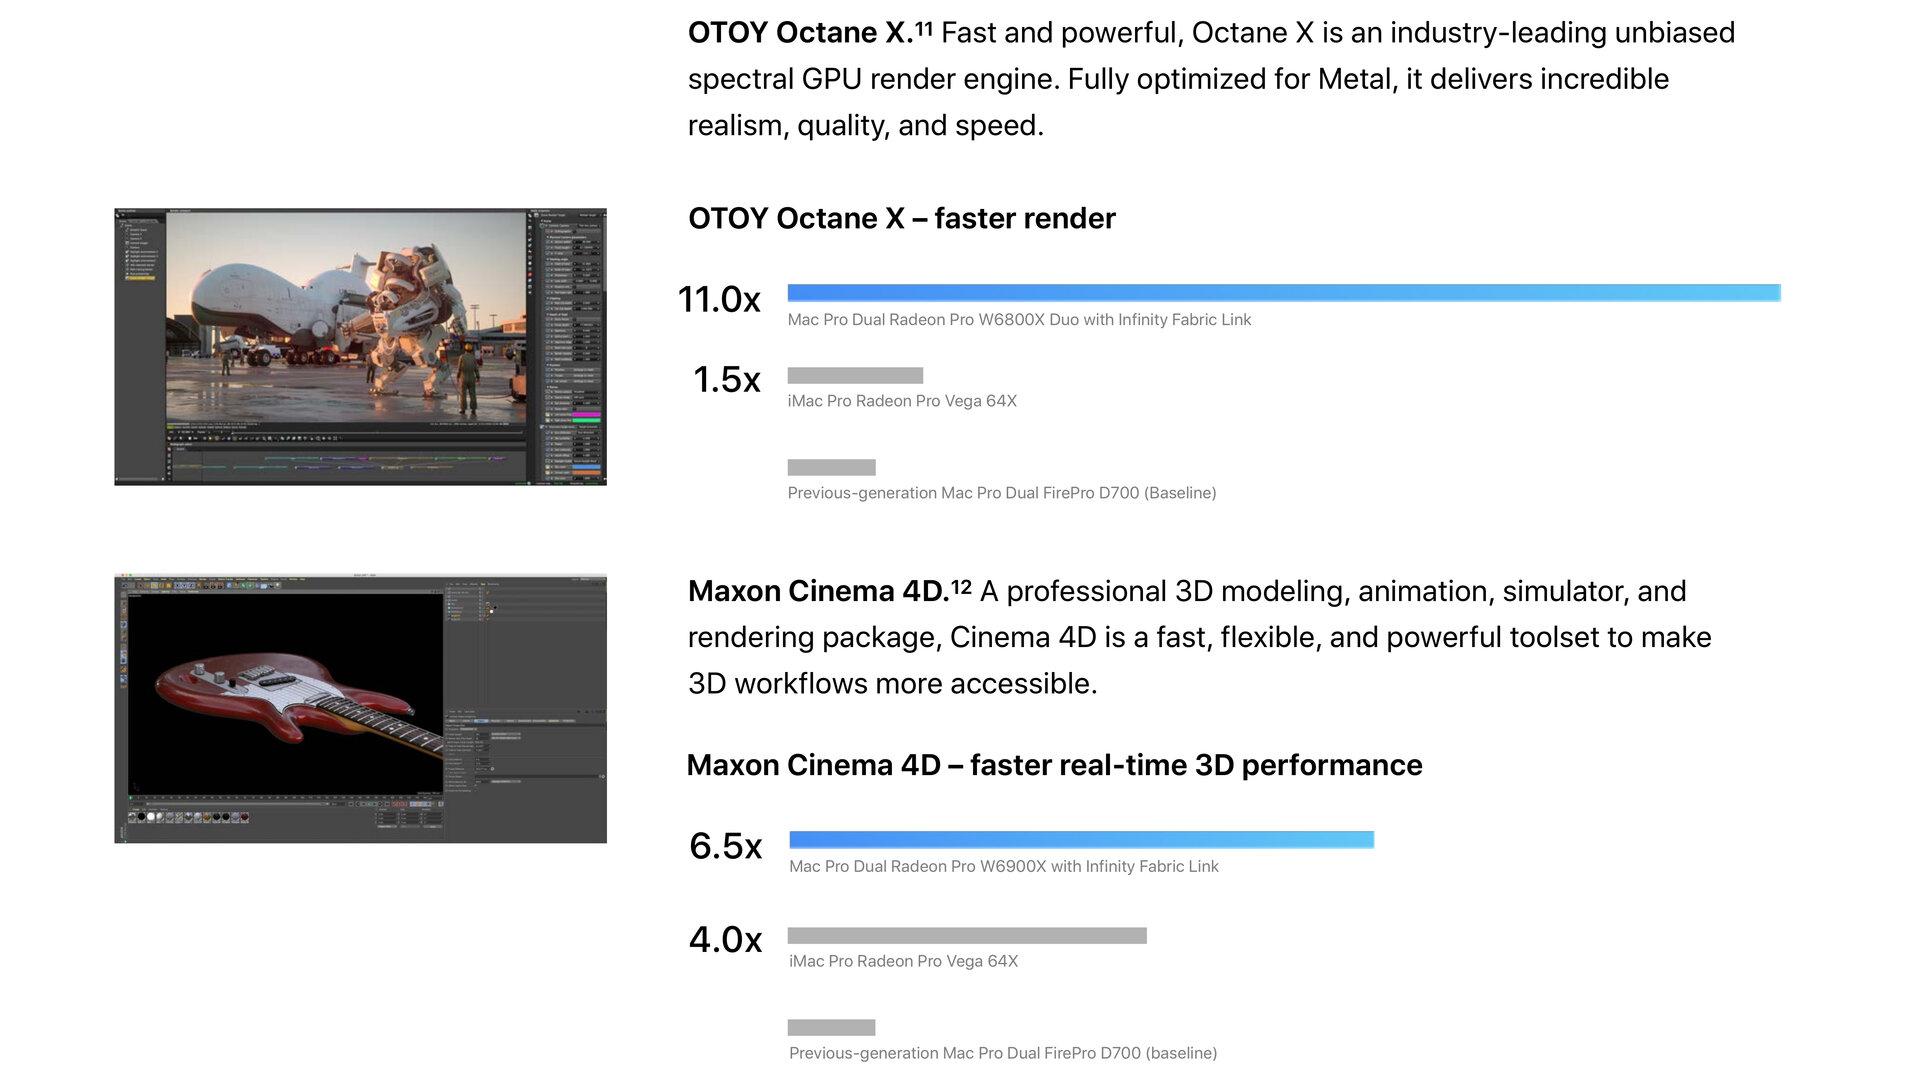 Wydajność grafiki w OTOY Octane X i Maxon Cinema 4D